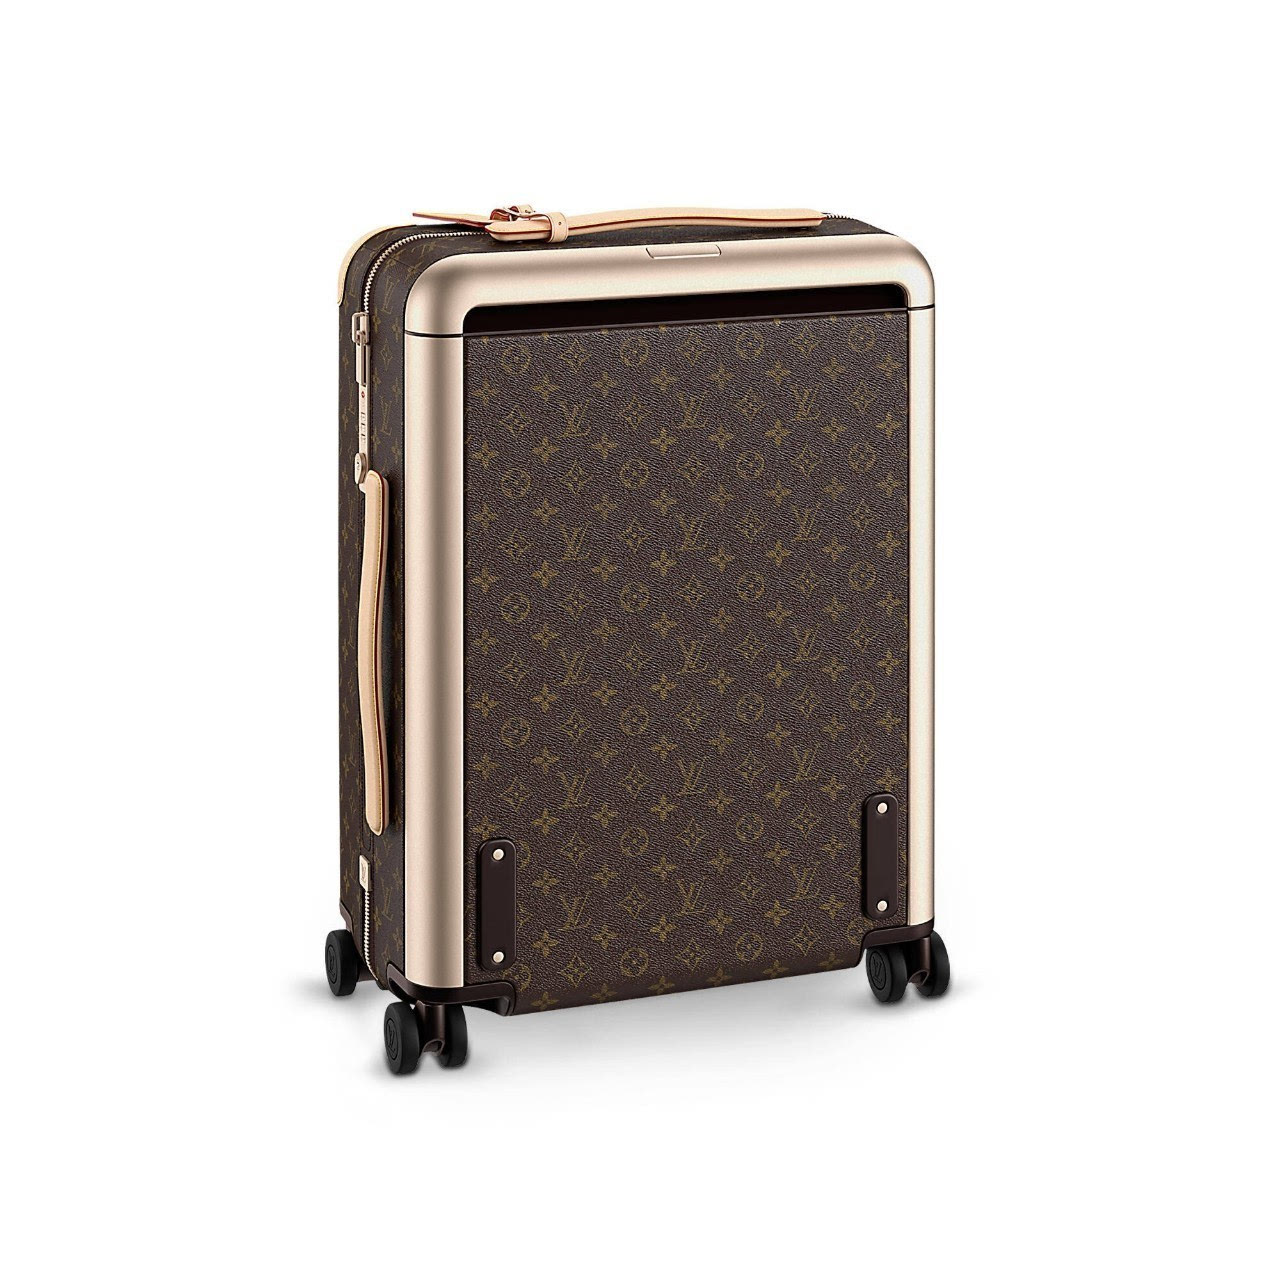 不像我们经常用的行李箱,伸缩拉杆会让箱子内部凹凸不平,这款整个箱子